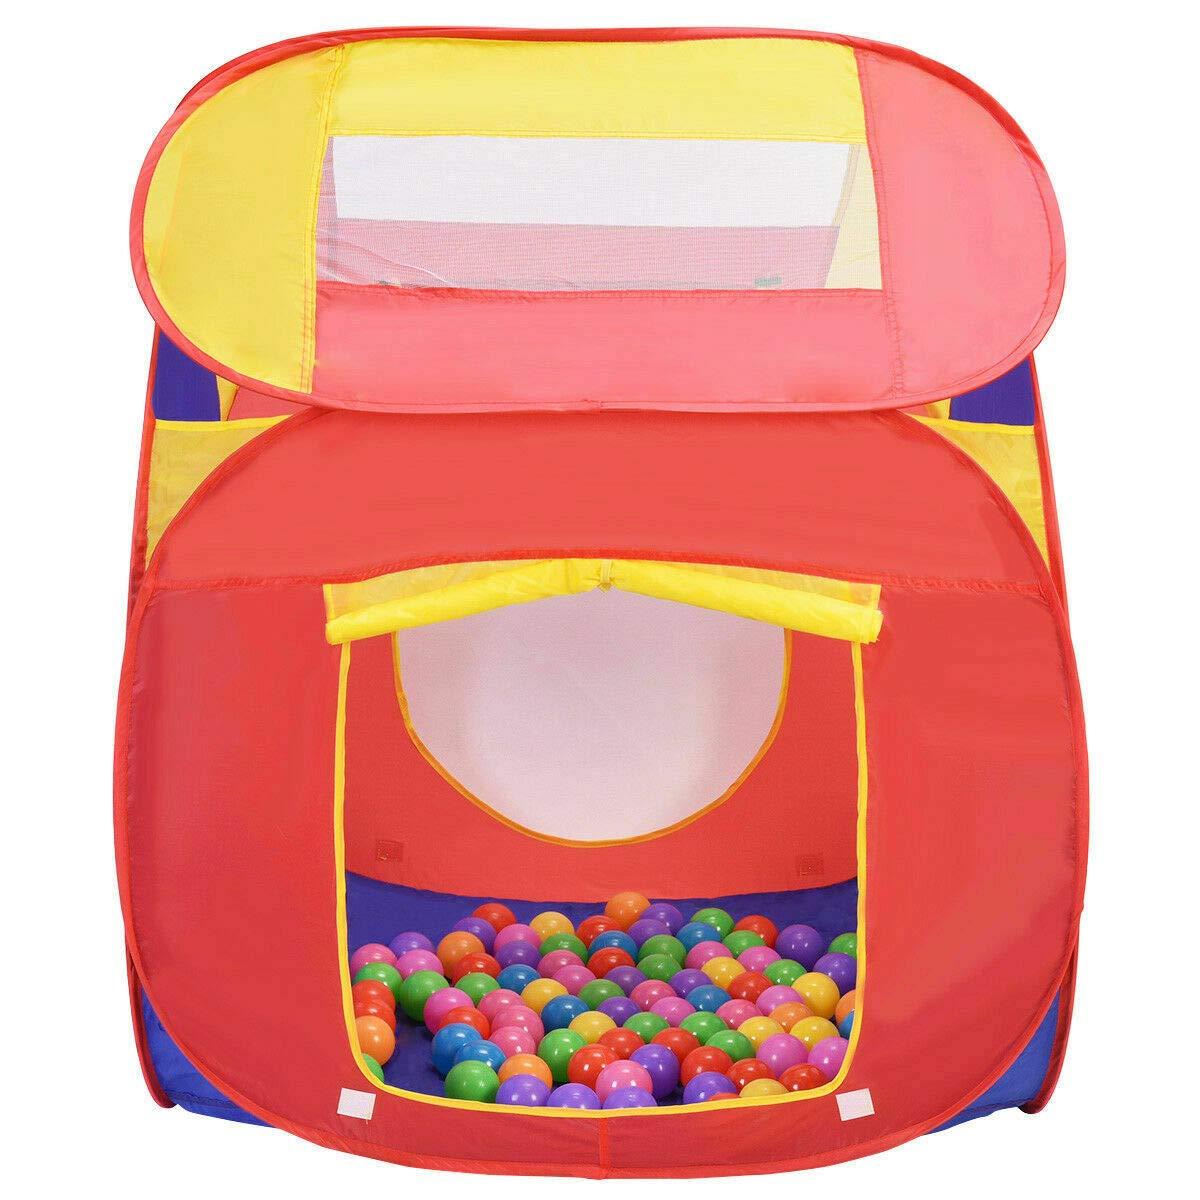 VeenShop カラフルボール ポータブル 子供 赤ちゃん遊び 家 インドア アウトドア おもちゃ テント ゲーム 100ボール B07Q75BZMR